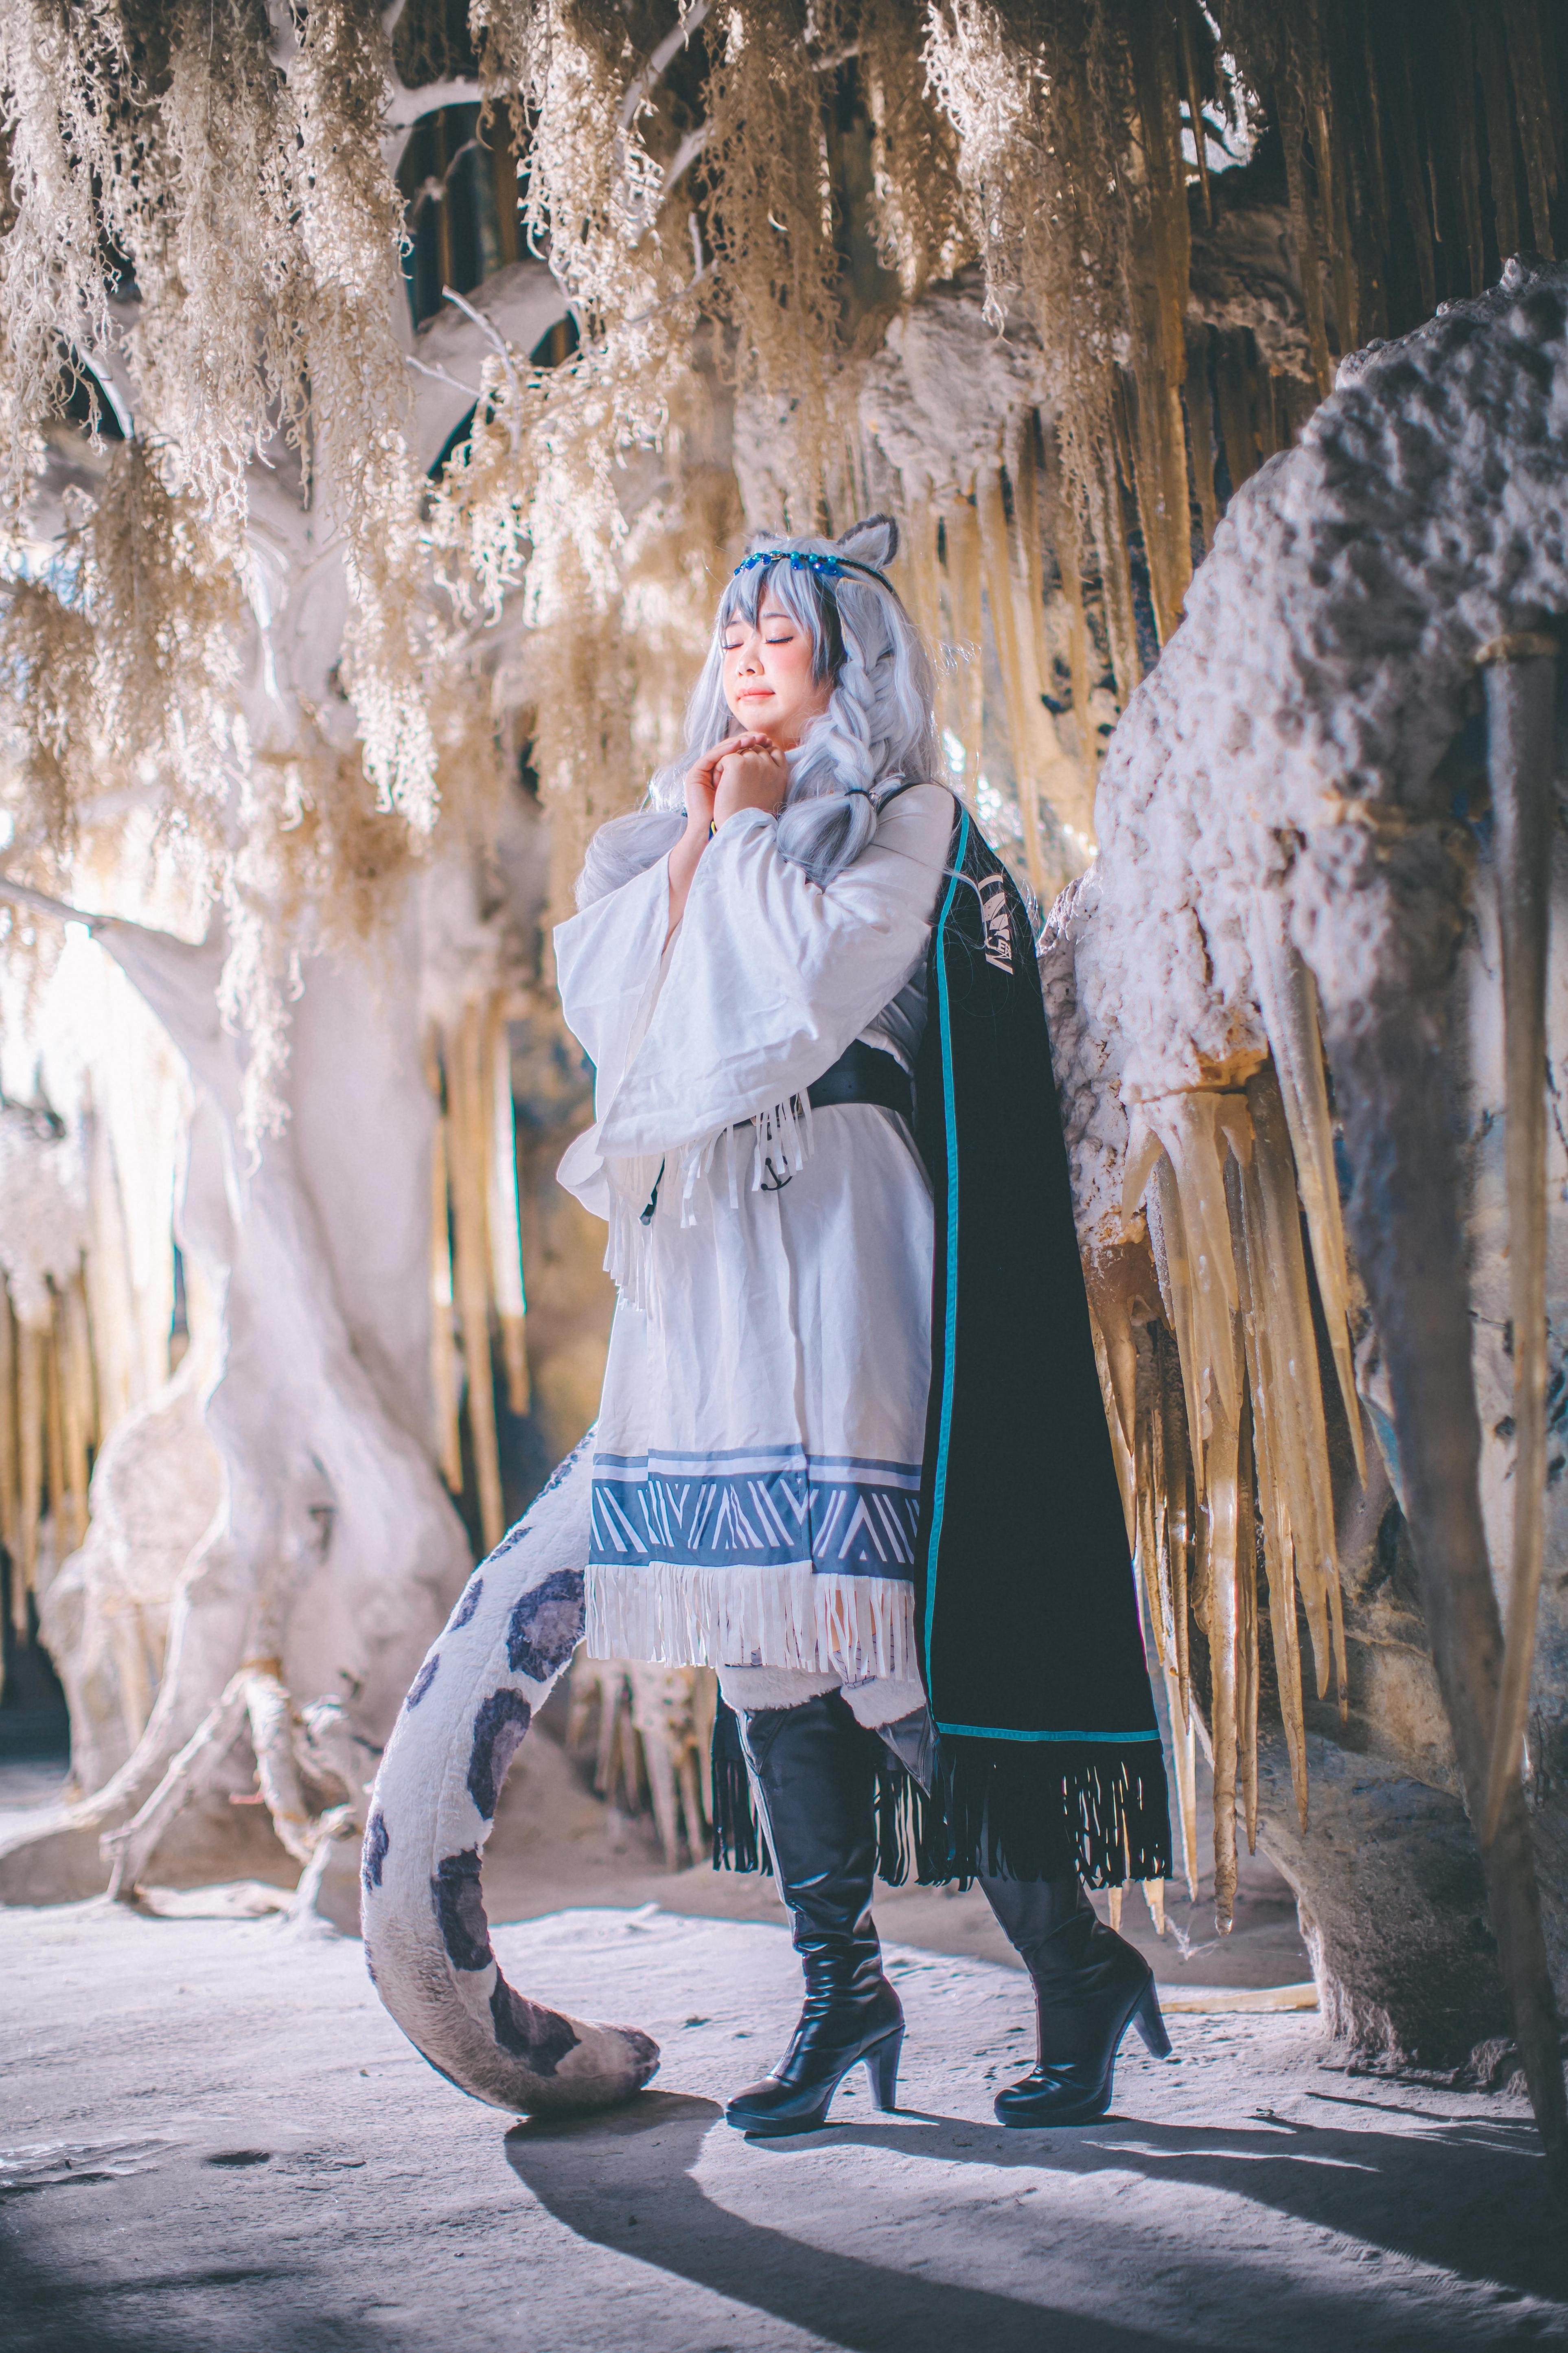 《明日方舟》明日方舟初雪cosplay【CN:爱鲤苏CHAOS】-第11张